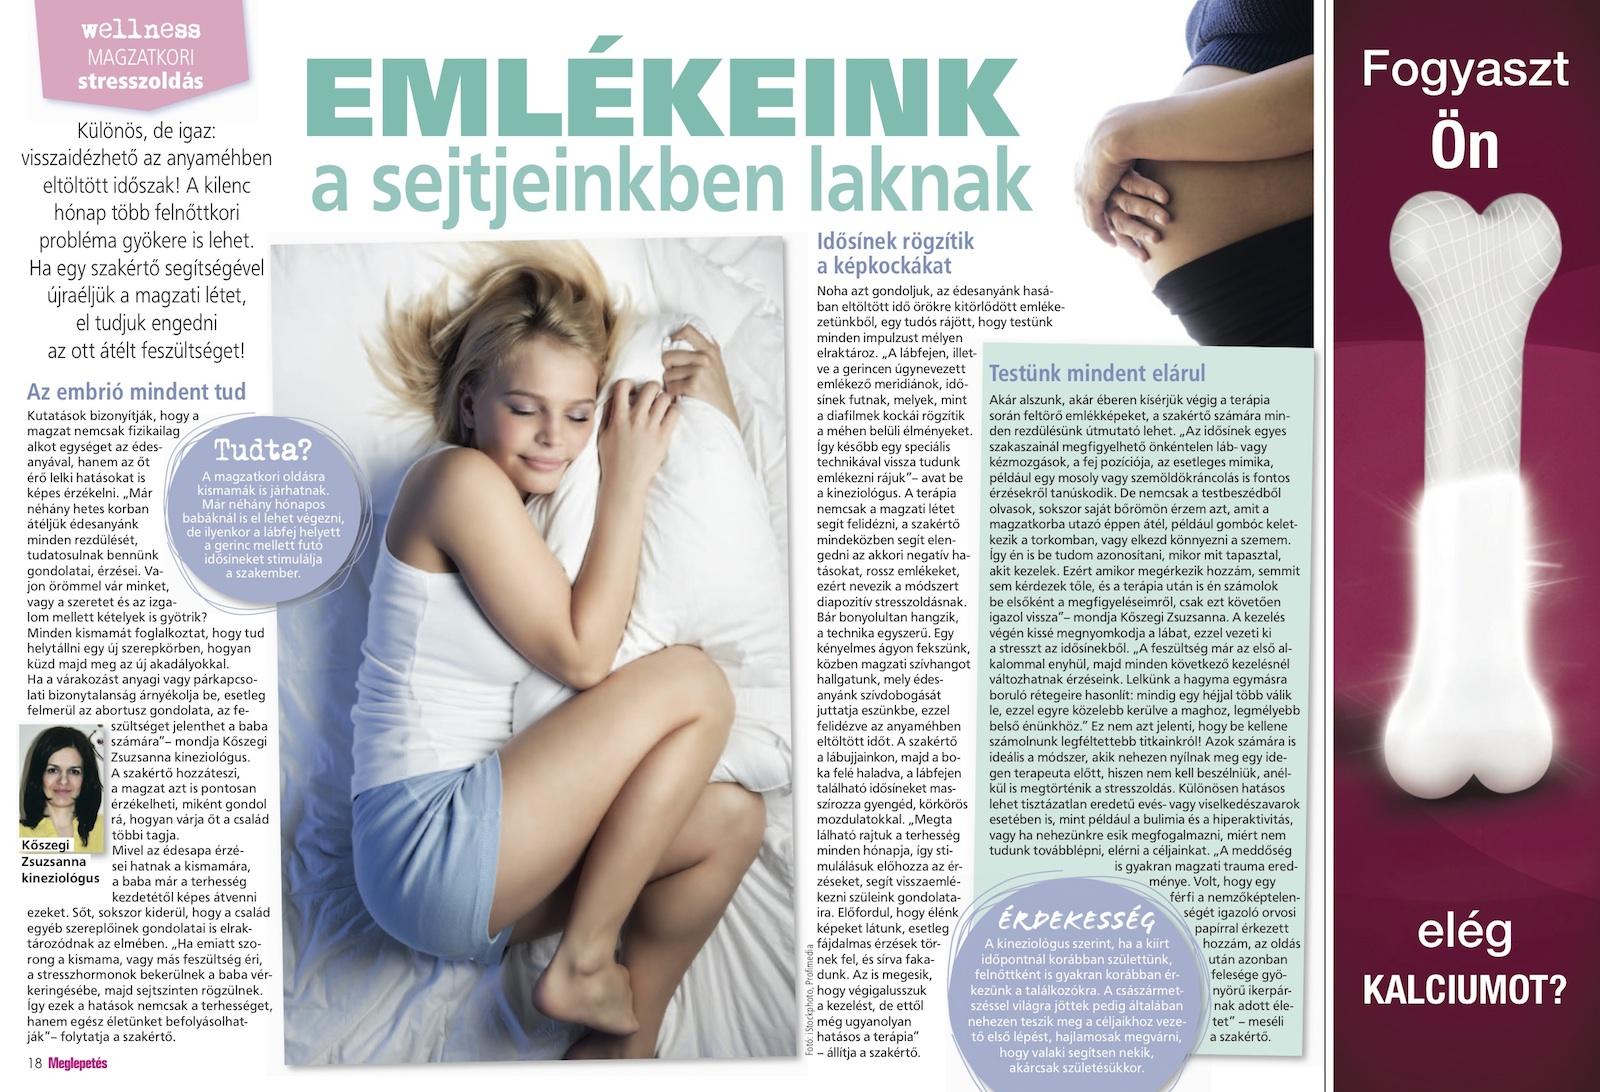 Meglepetés magazin cikk